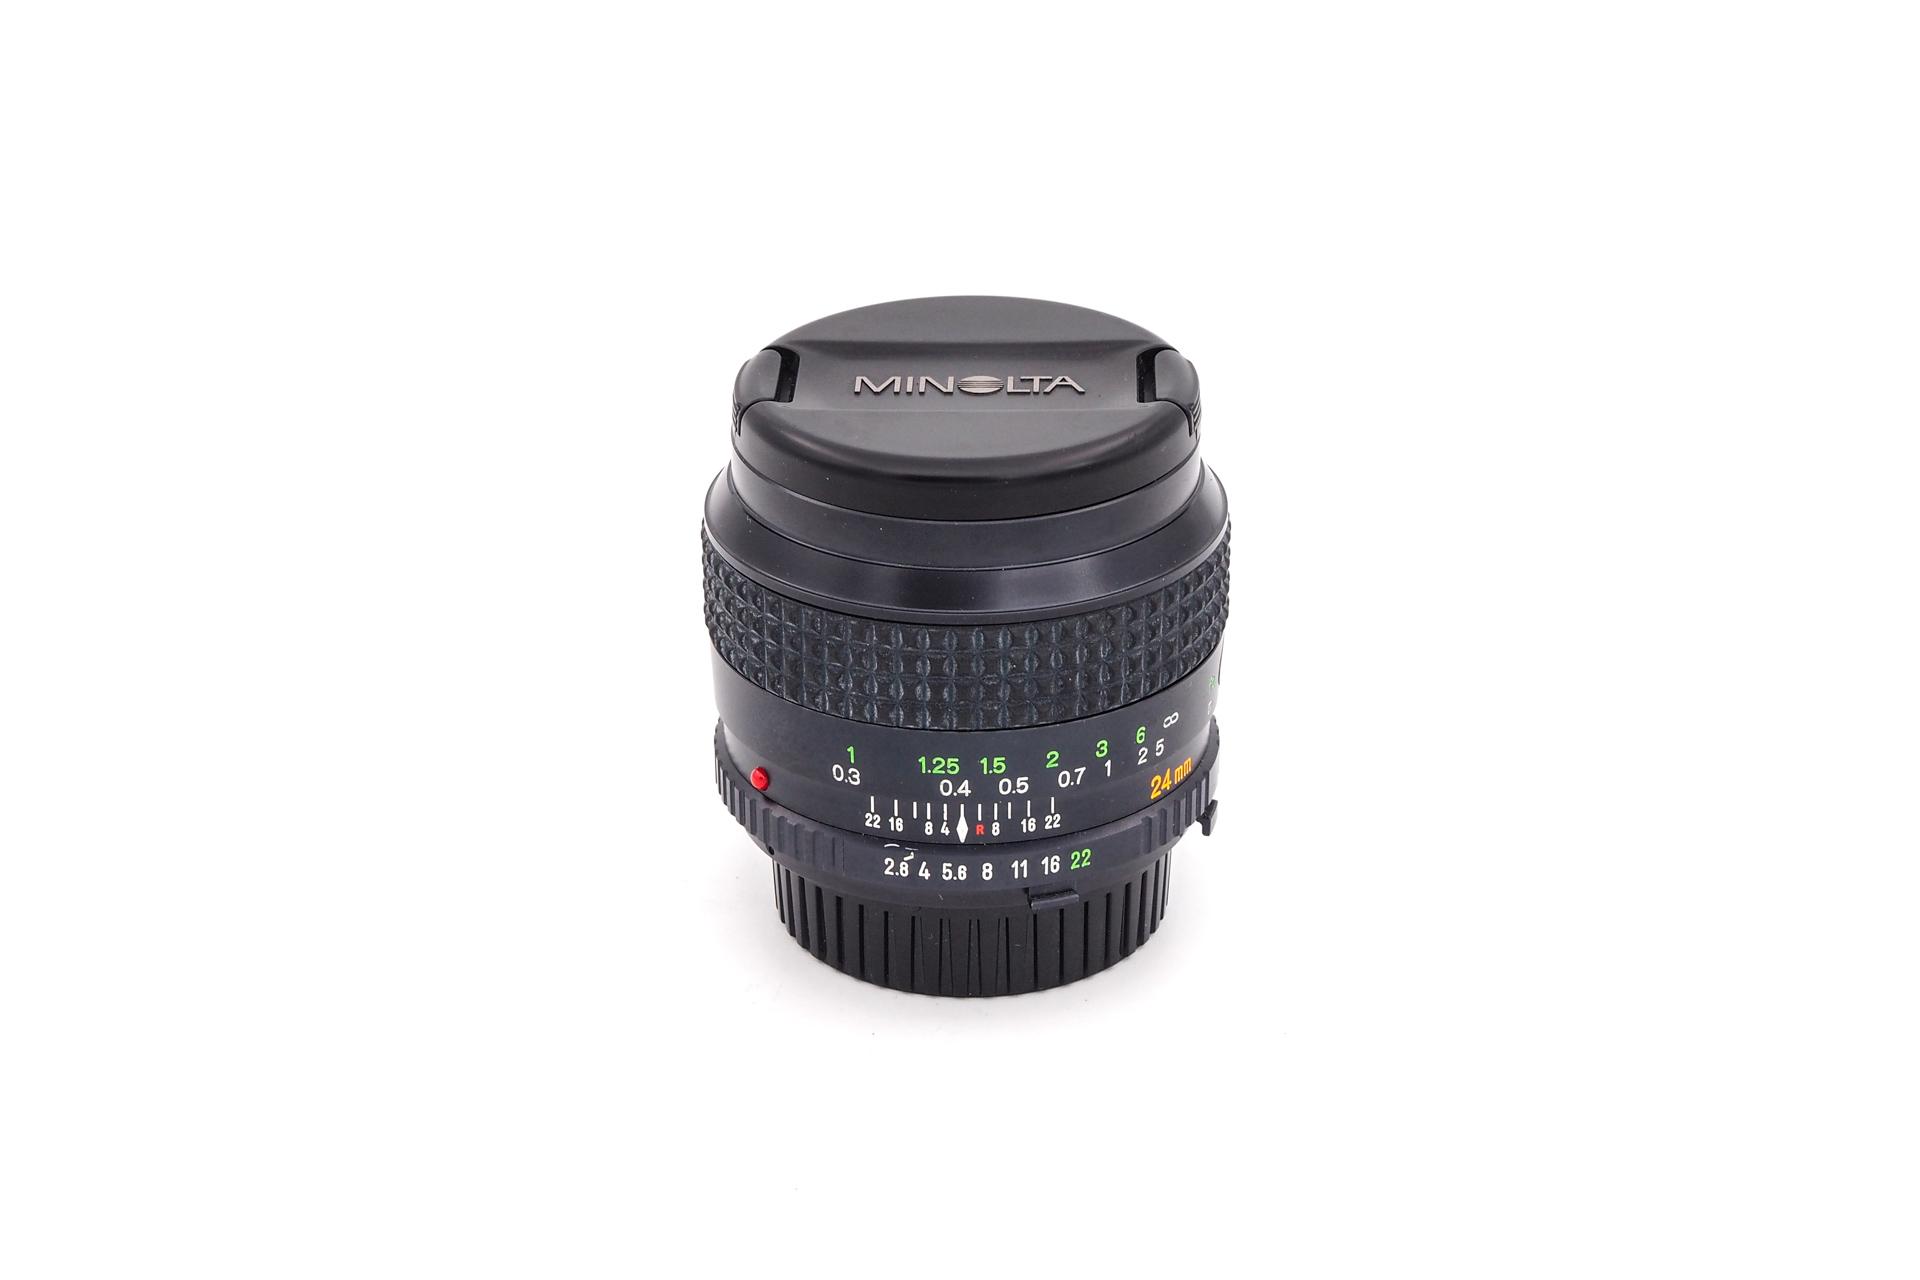 Minolta MD 24mm F/2.8